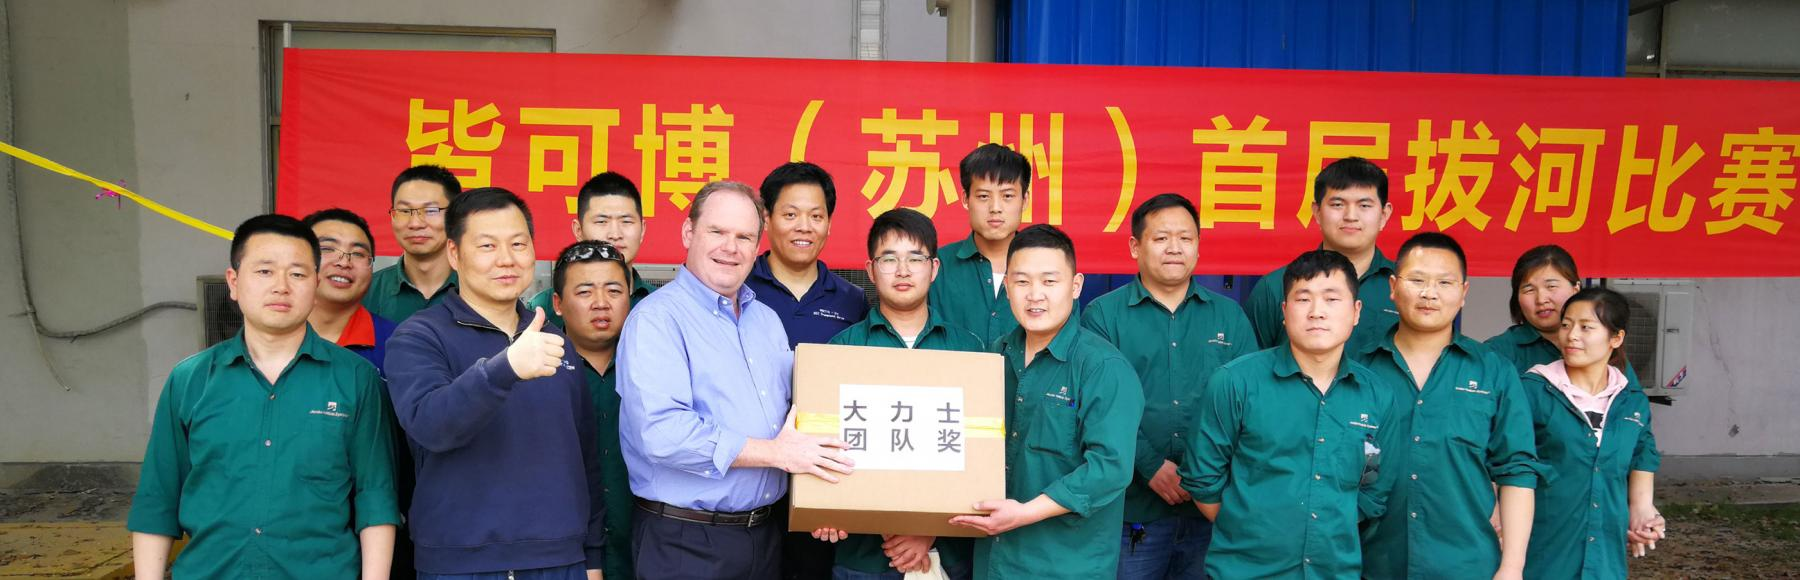 Jacobs苏州工厂庆祝成立10周年